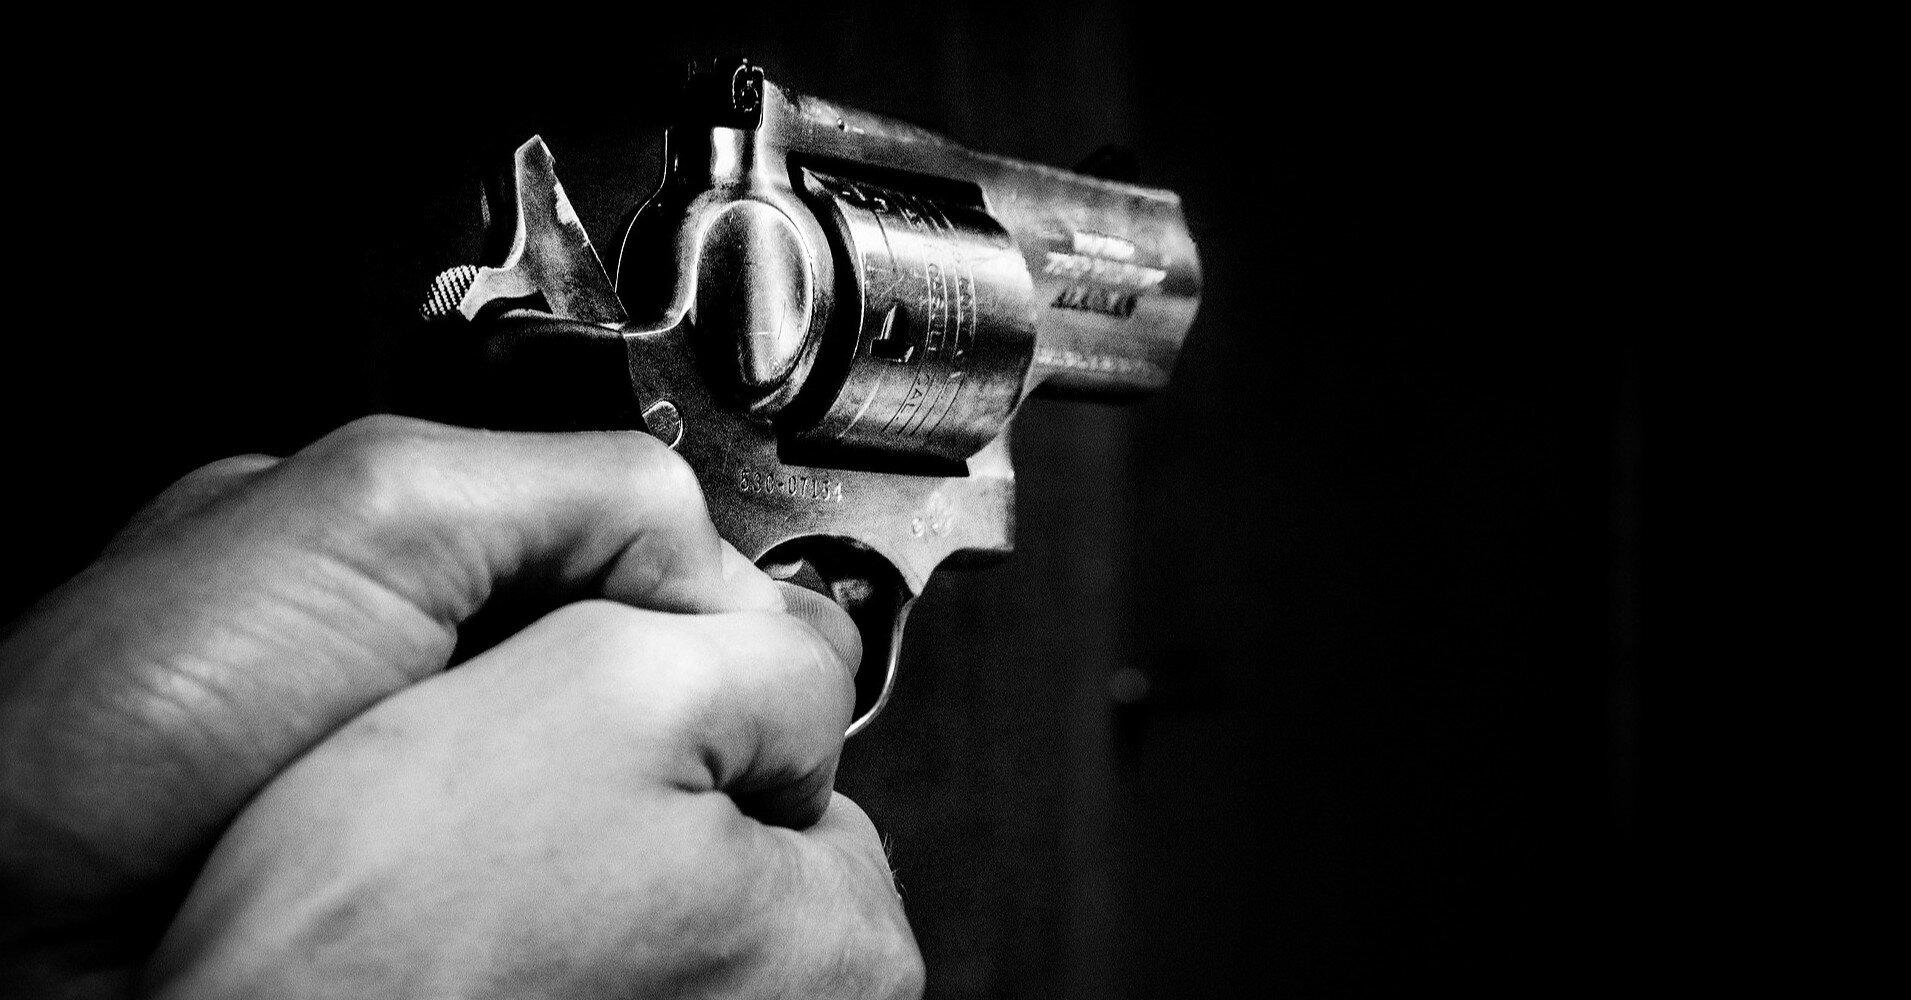 В США каждую неделю продают более миллиона единиц оружия